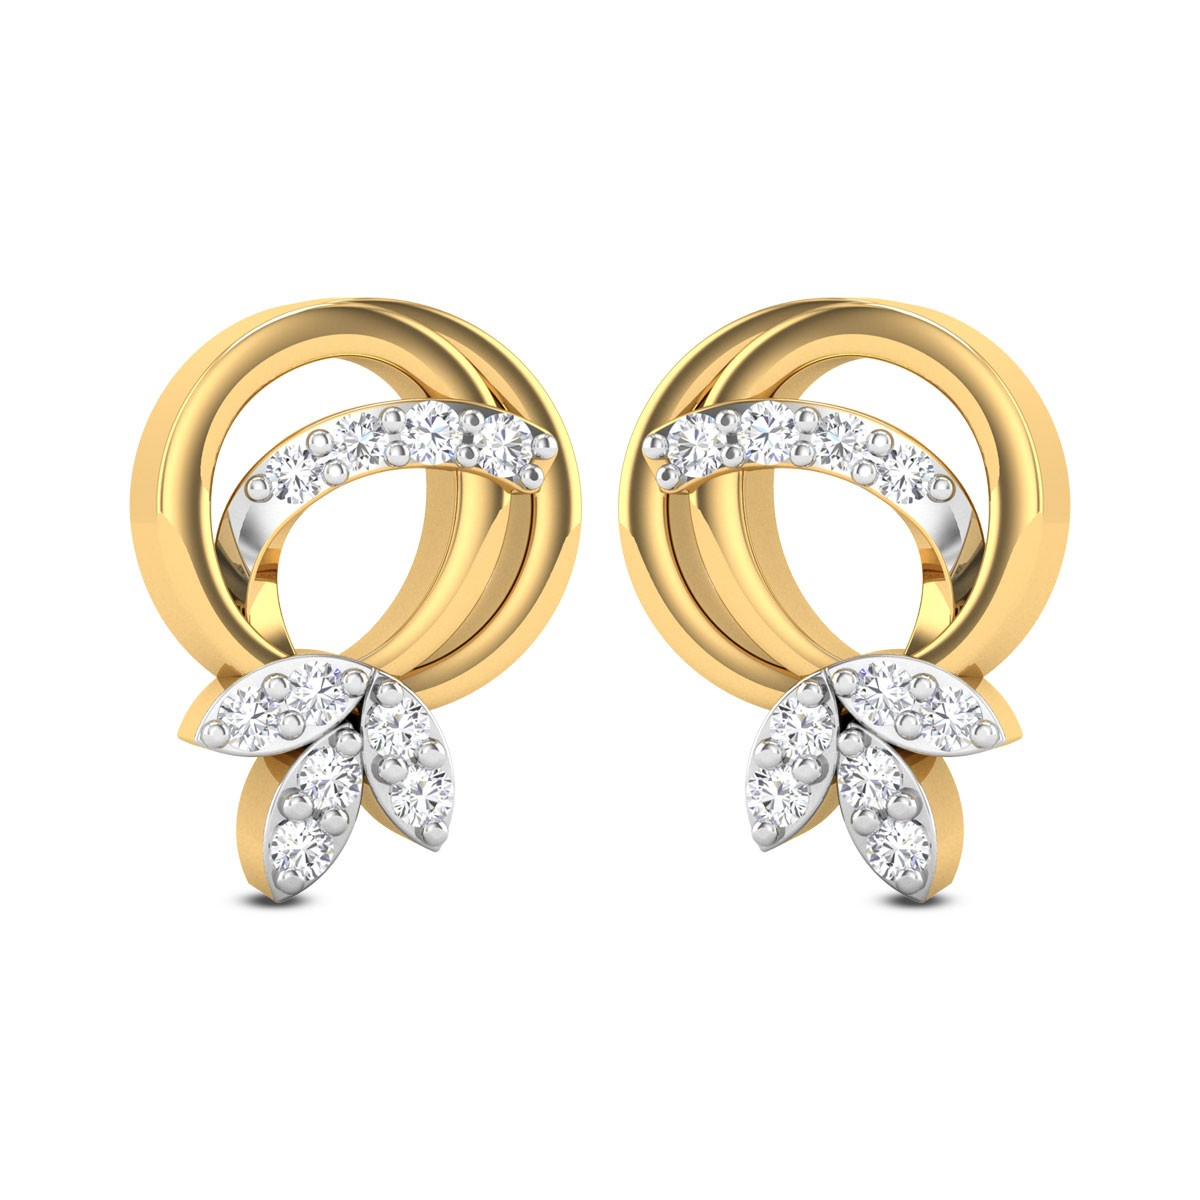 Kora Diamond Stud Earrings